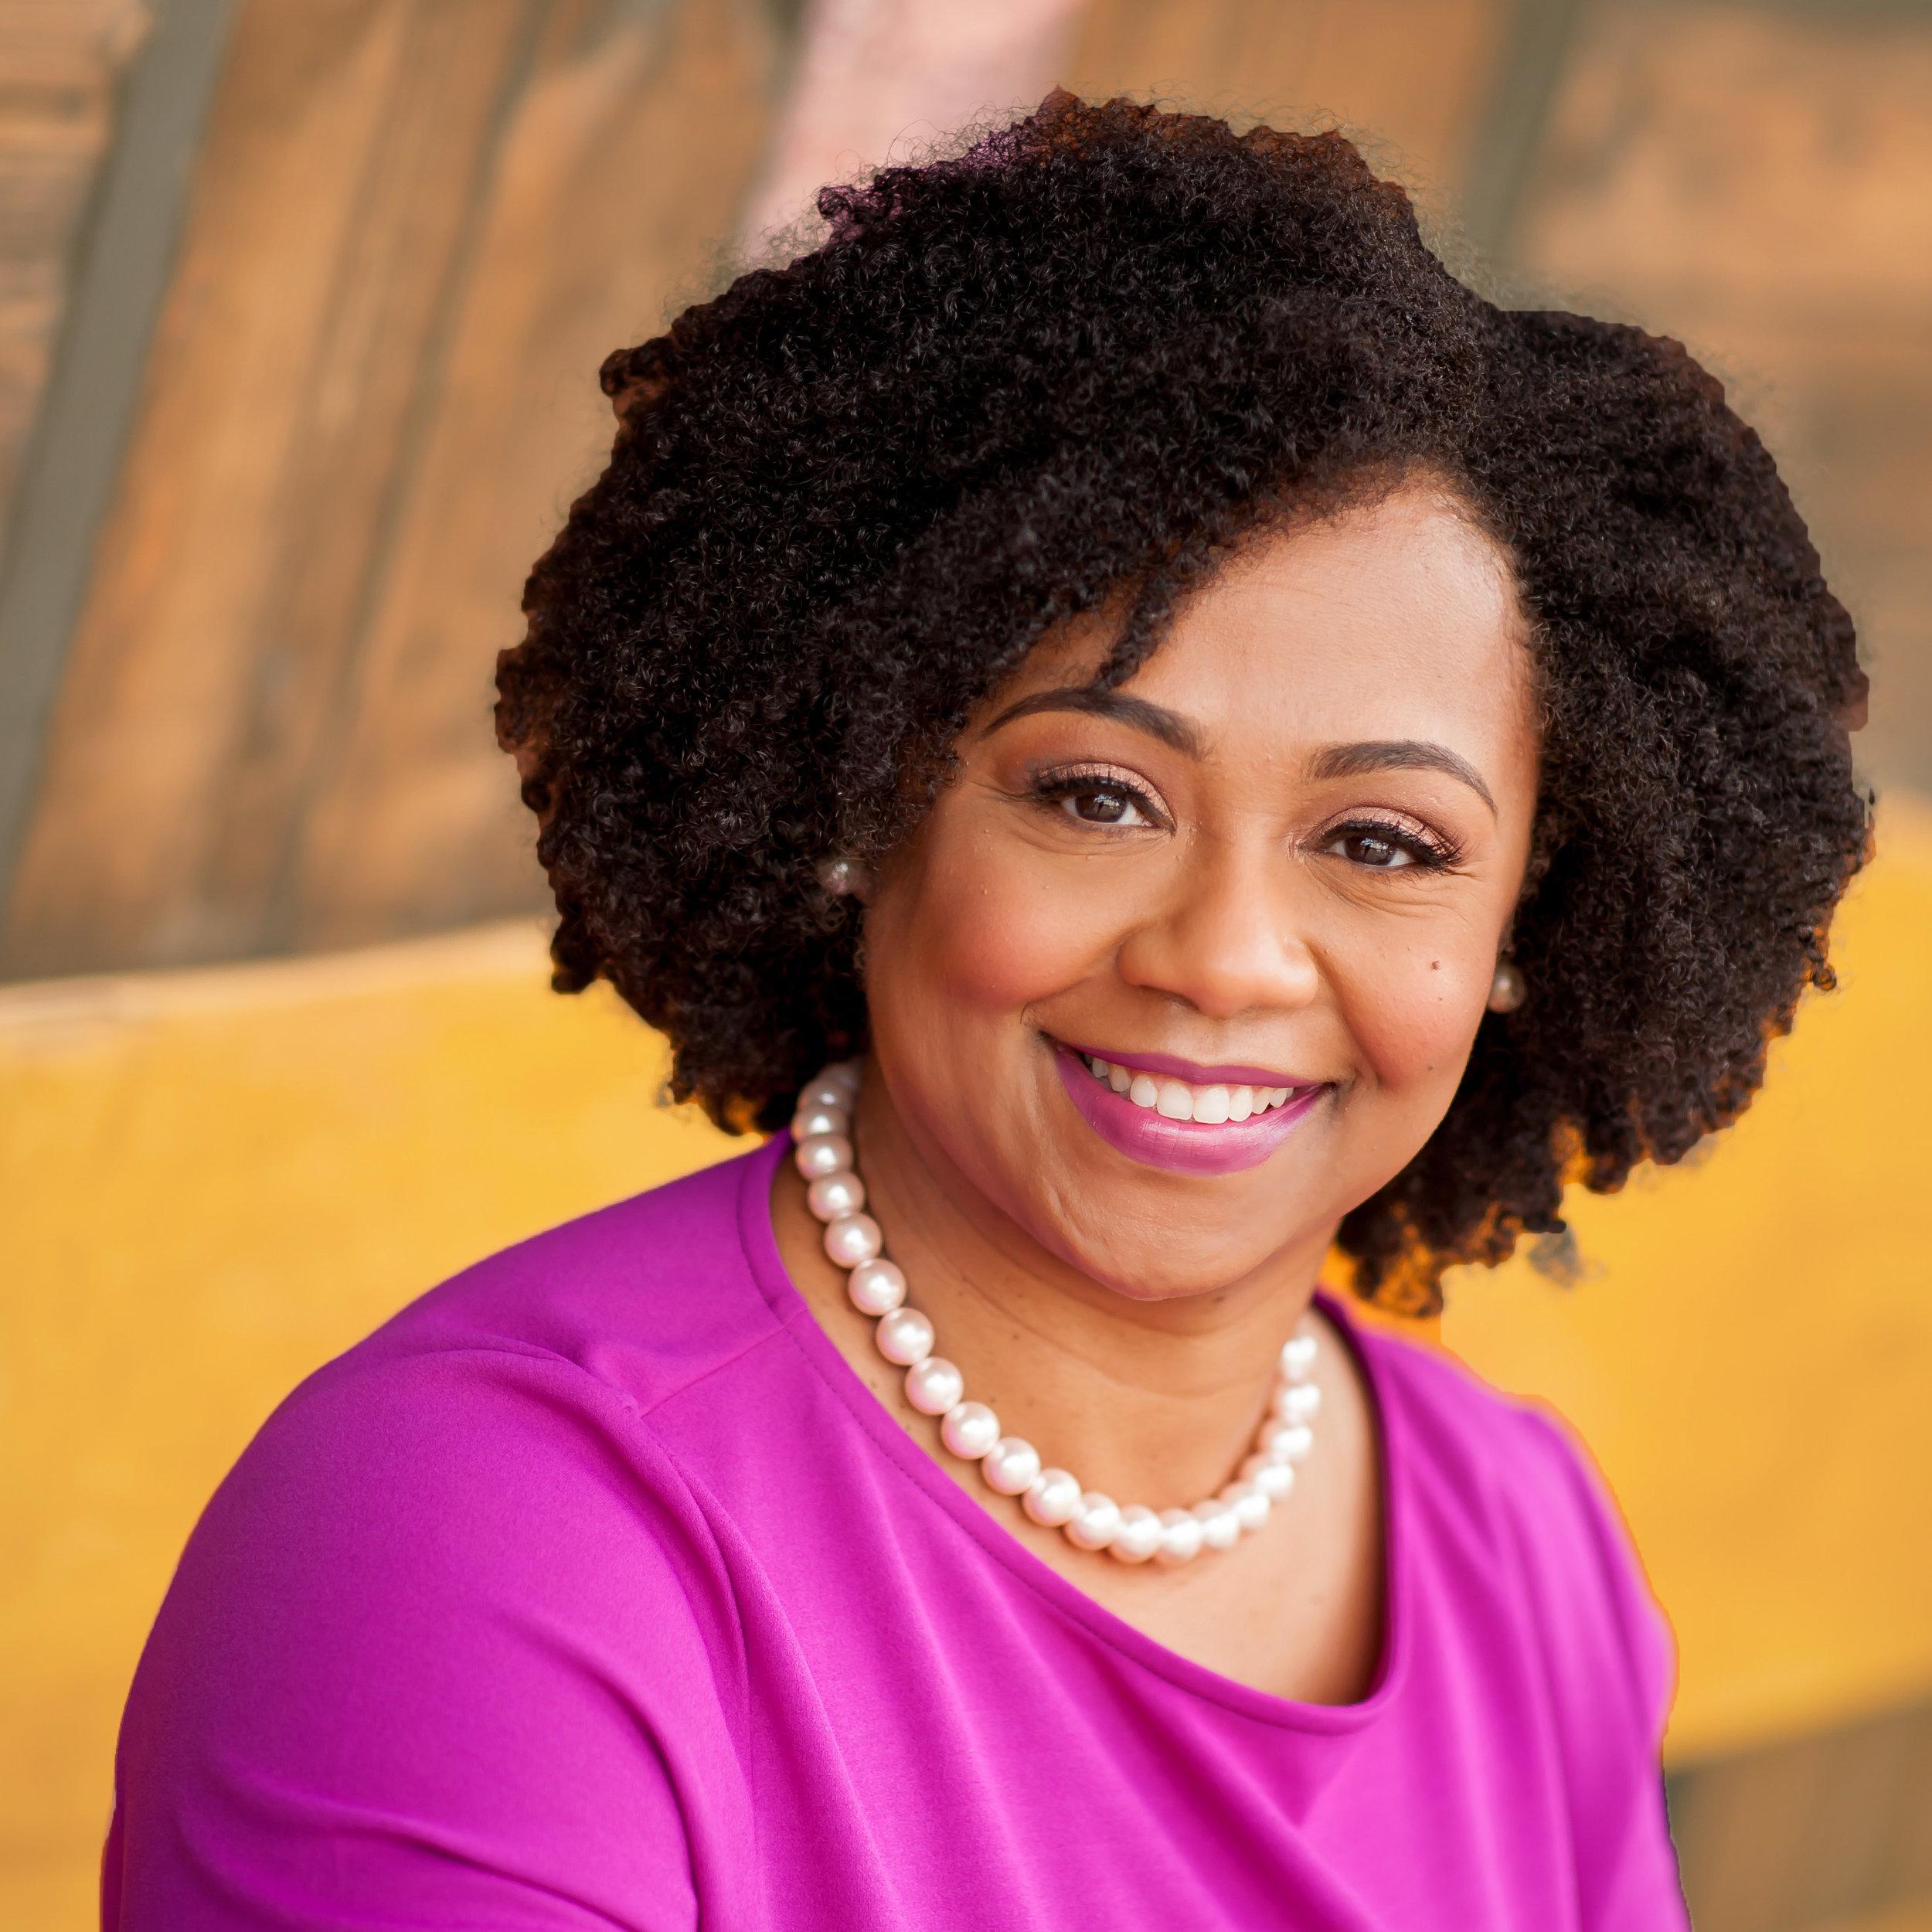 Dr. Joy Harden-Bradford